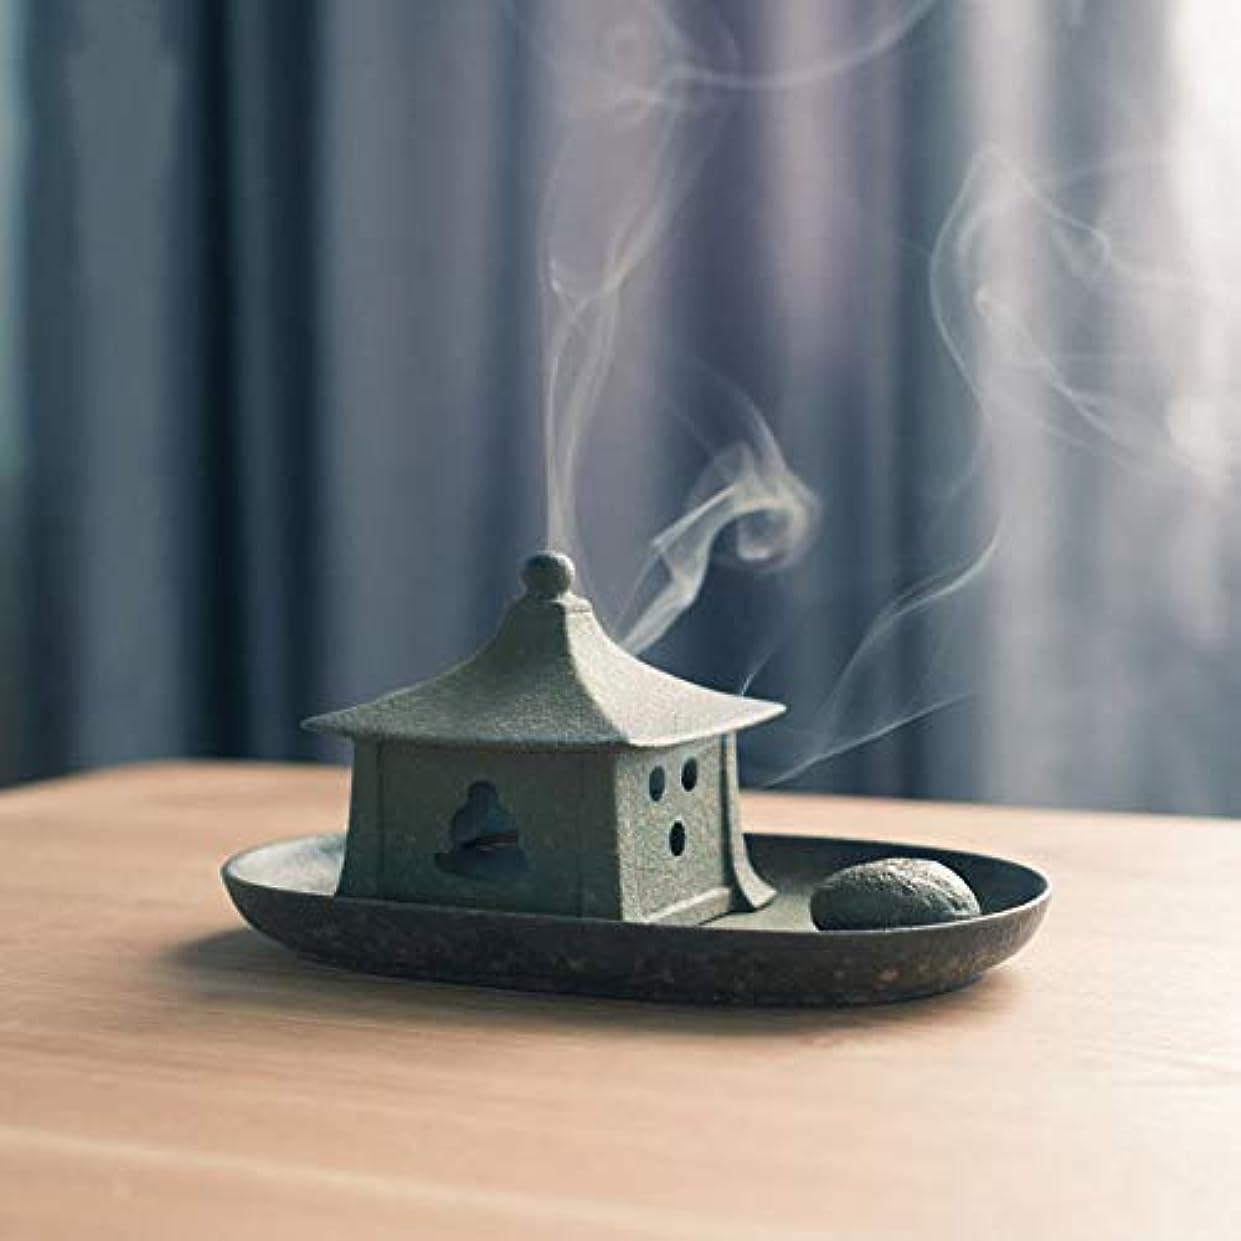 旅行代理店ニコチン誤ってPHILOGOD 陶器香炉 クリエイティブスタイリング 渦巻き線香立て 仏壇用 香置物 香皿